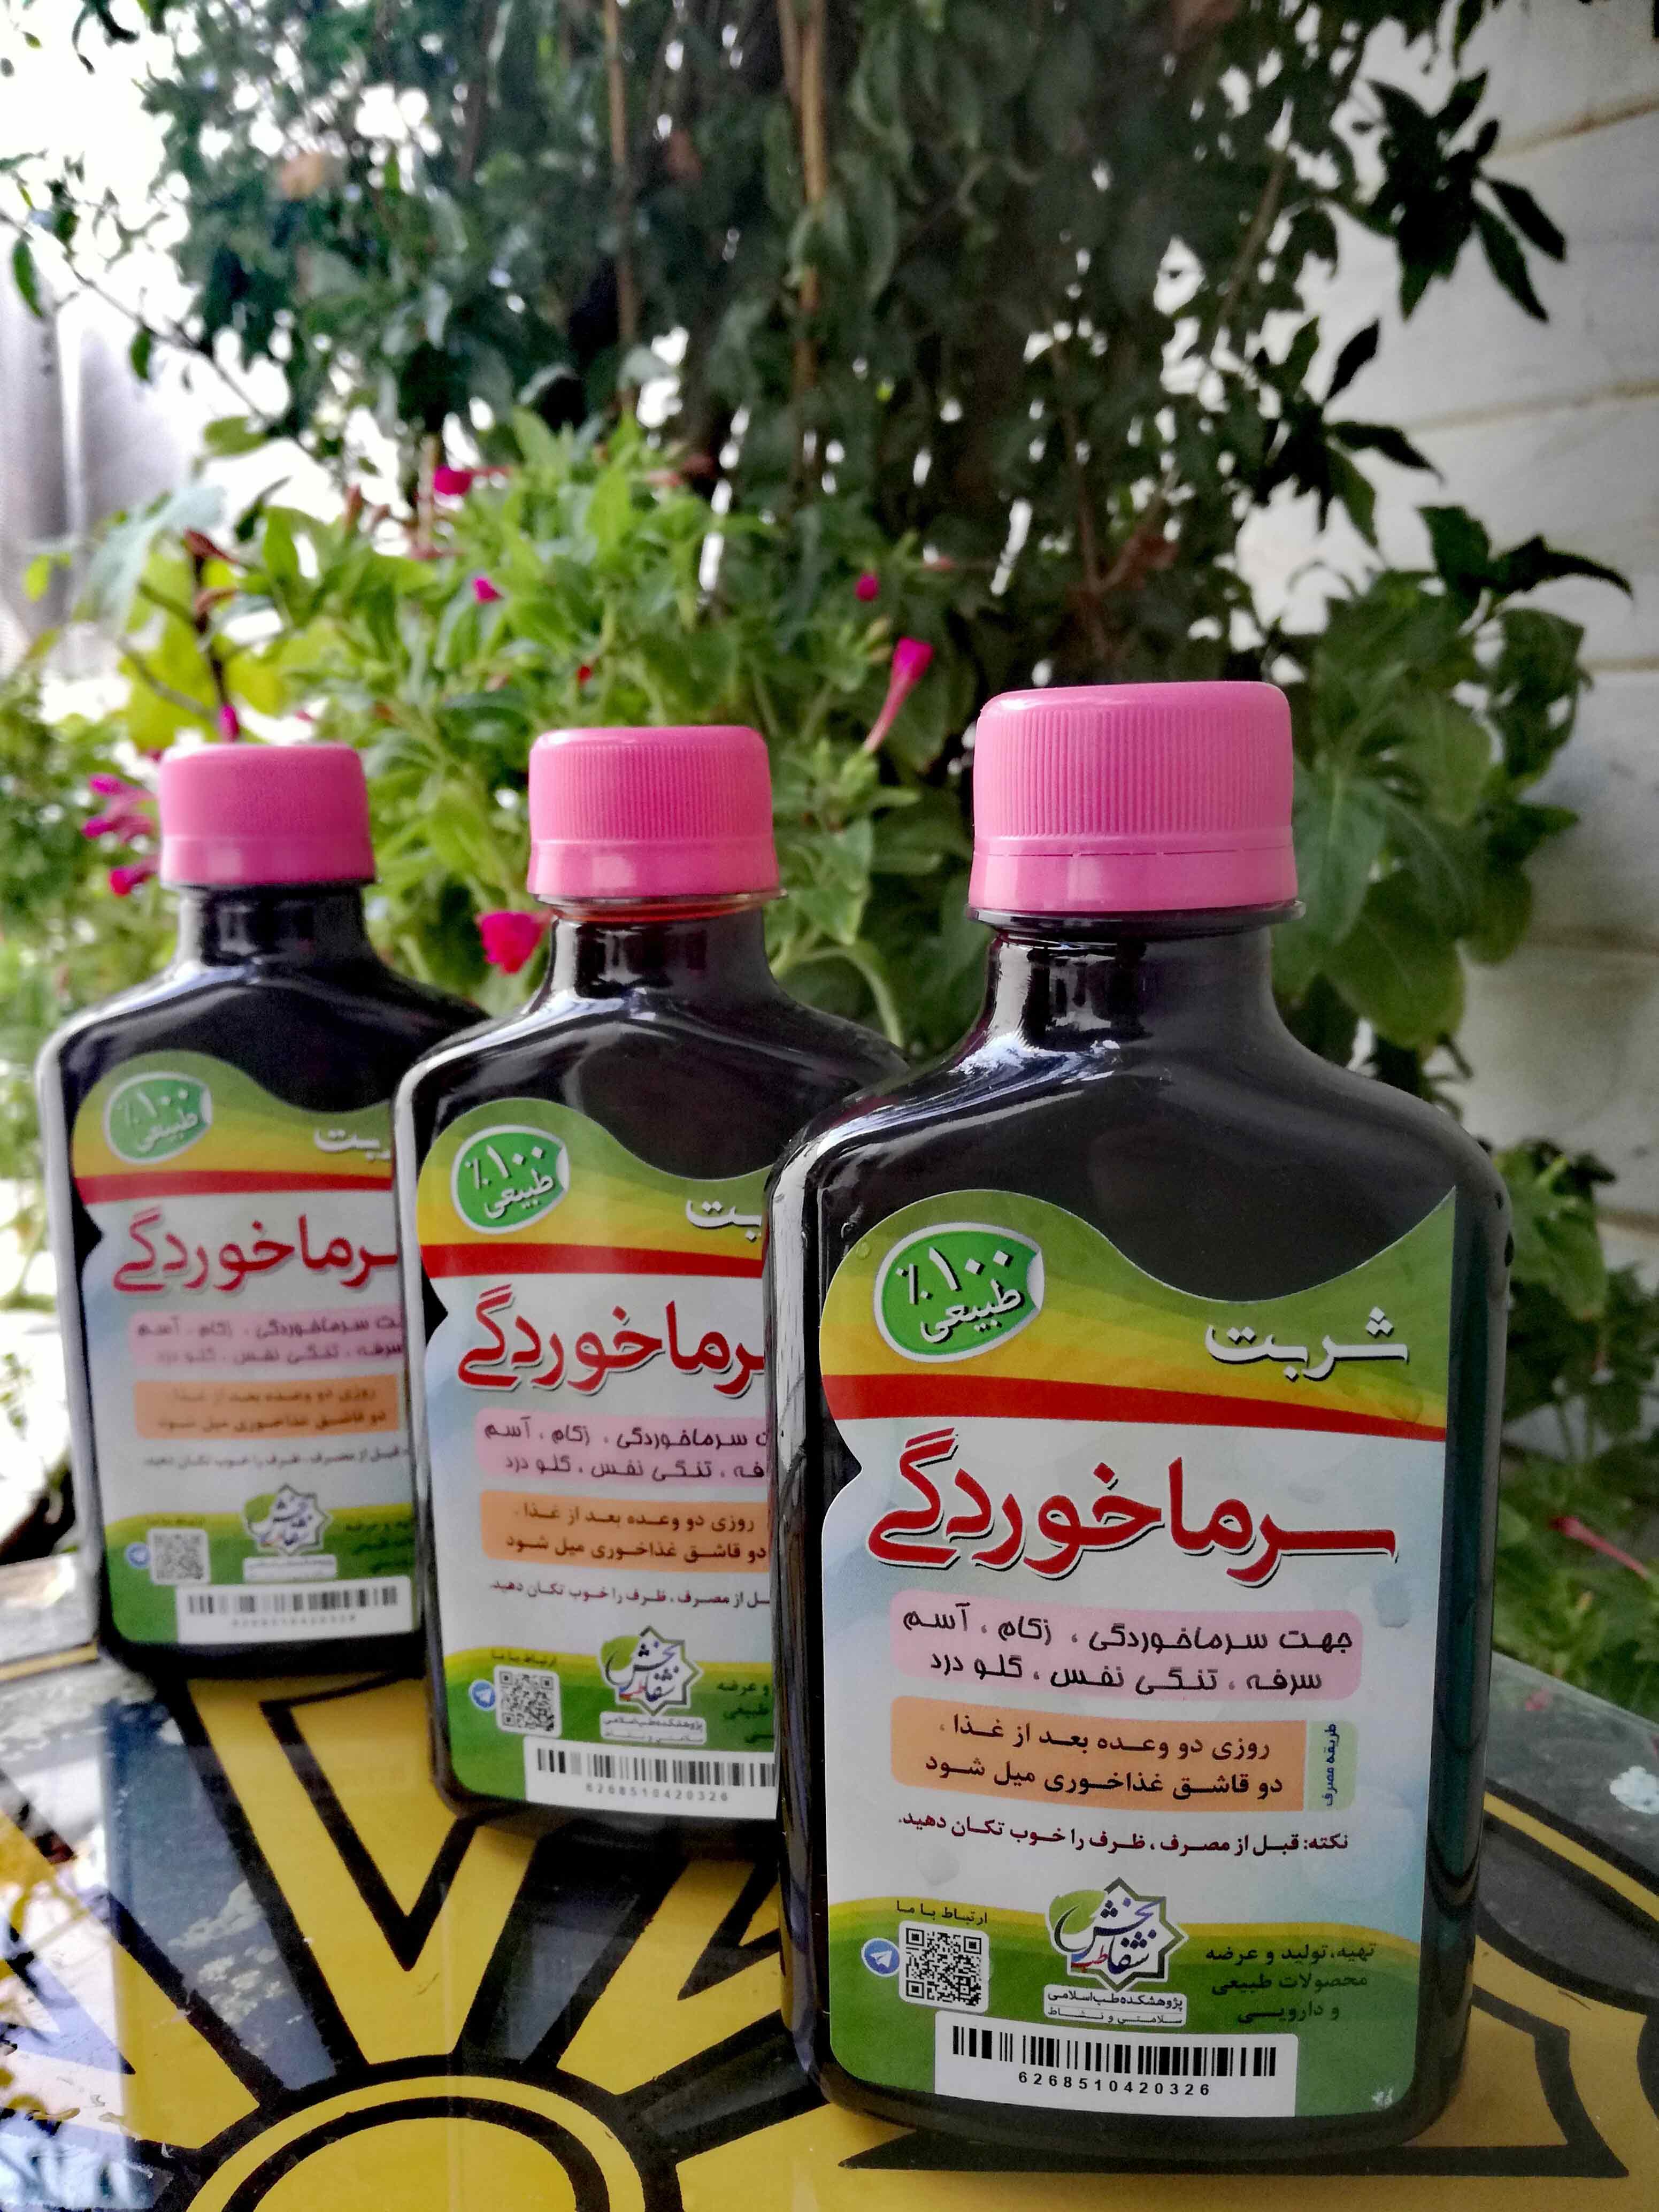 شربت سرماخوردگی شفابخش طب